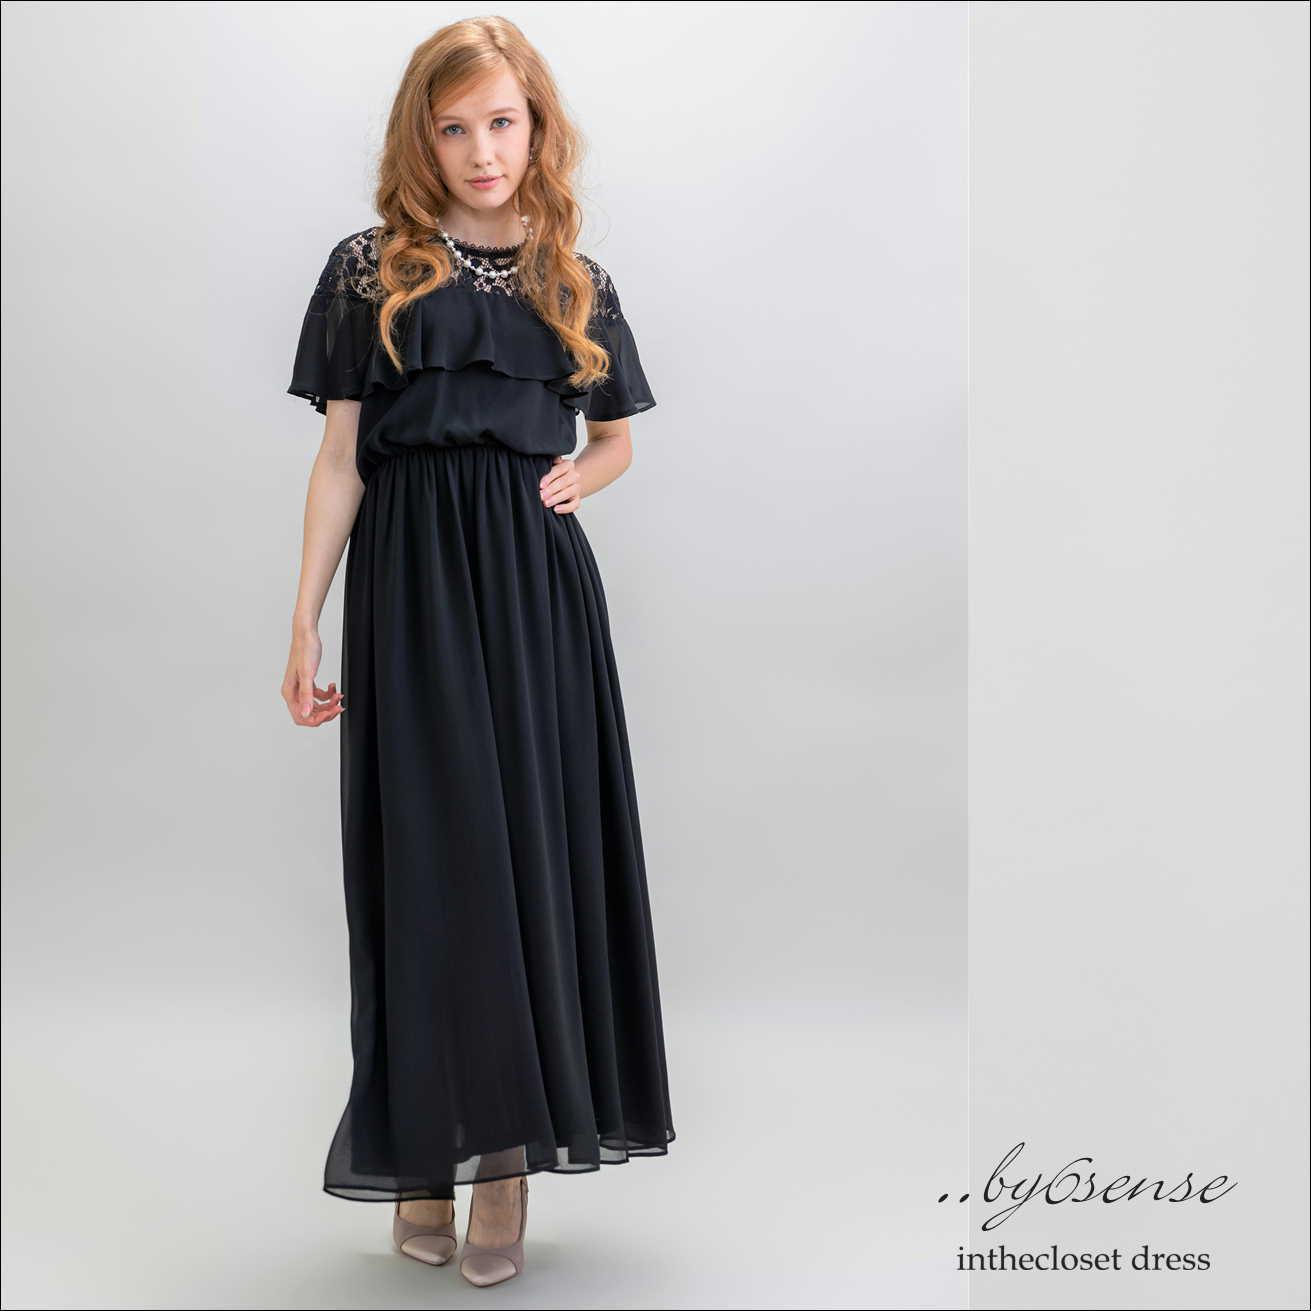 デコルテレース ロングドレス・ワンピース 【M/Lサイズ】Black